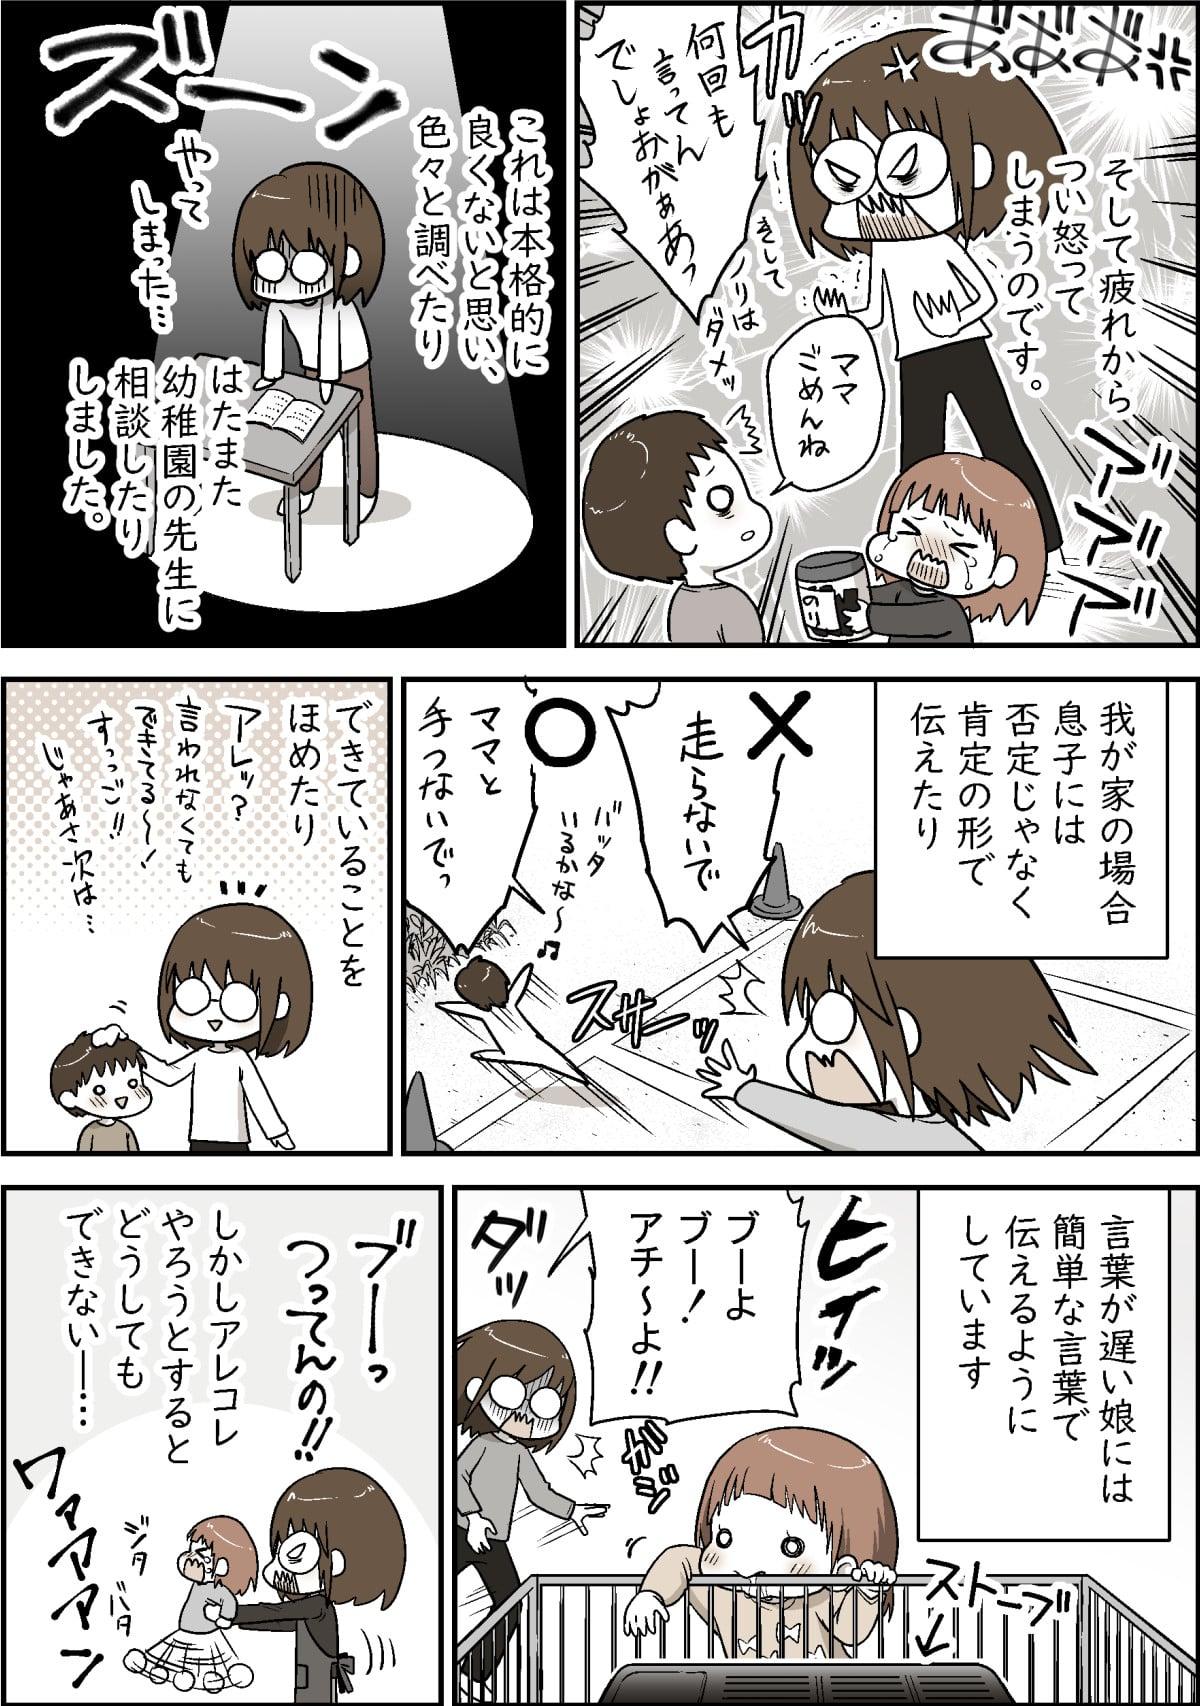 シングルマザーワンオペ疲労感マックス!02